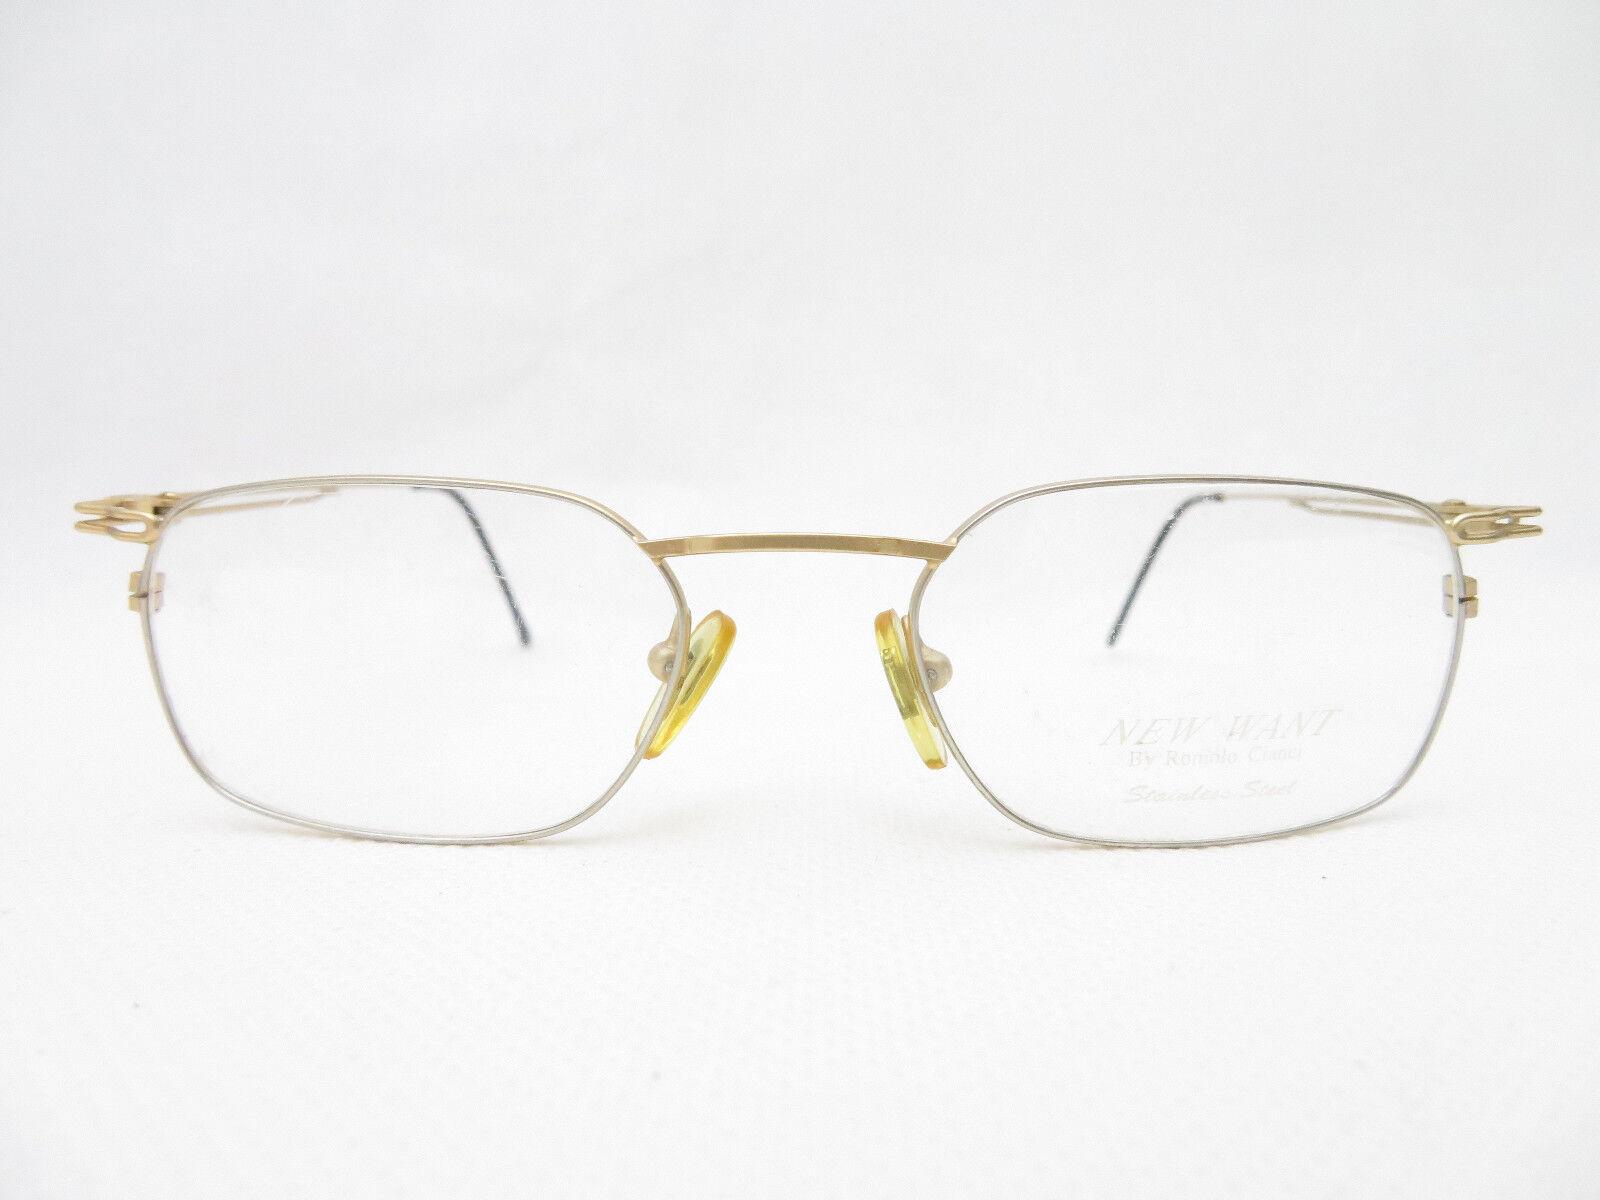 Brille Romolo Cianci 48 20 Herren Herren Herren Brillenfassung Designer leicht silber Gold NEU   Hohe Qualität Und Geringen Overhead    Verkauf Online-Shop    Neuankömmling  1ecb86